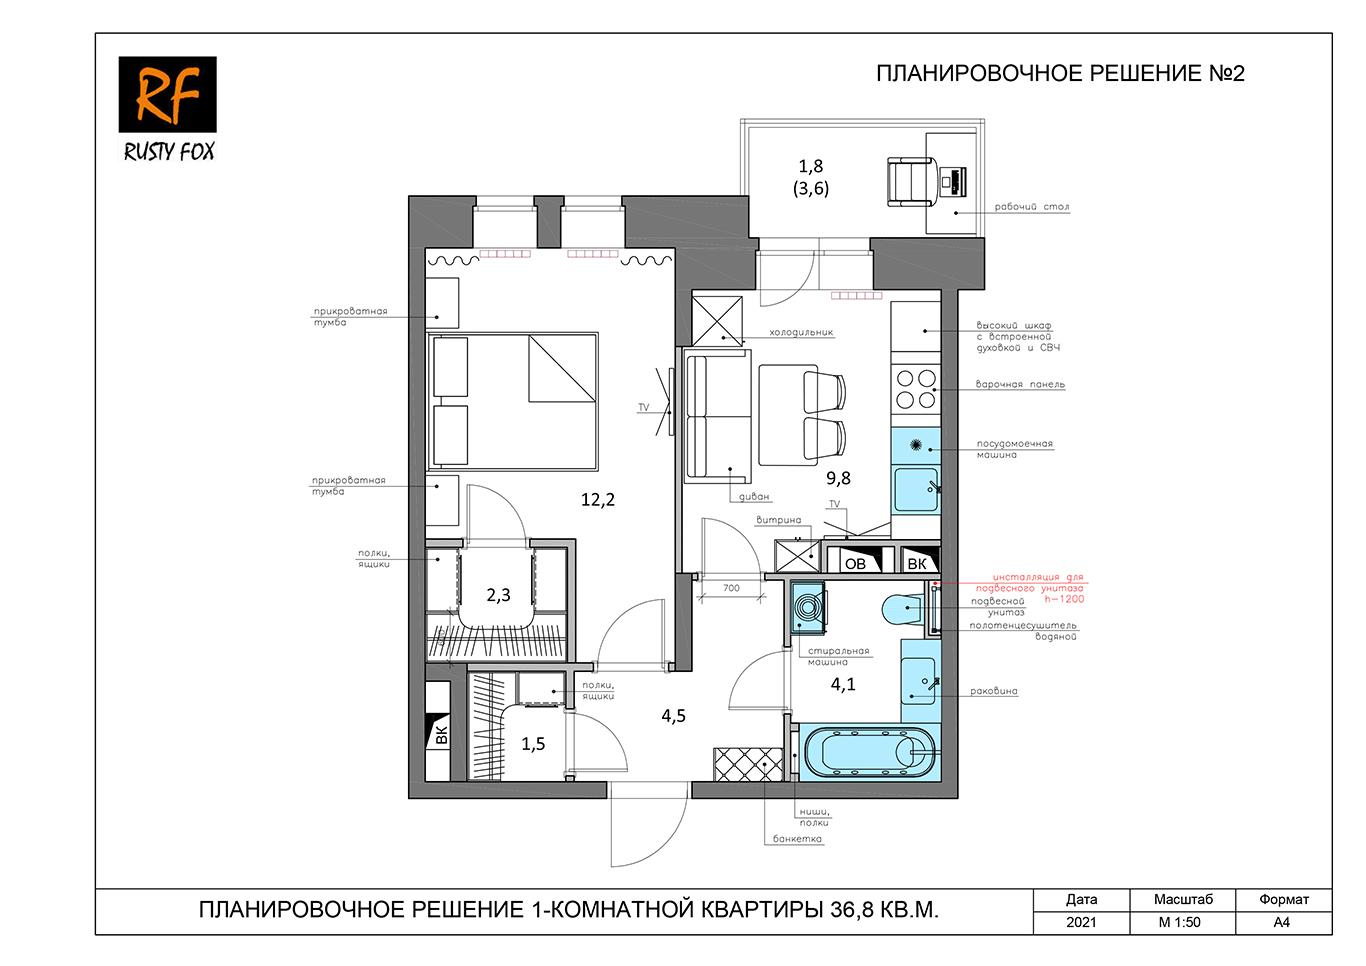 ЖК Люберцы корпус 52, секция 2. Планировочное решение №2 1-комнатная квартира левая 36,8 кв.м.